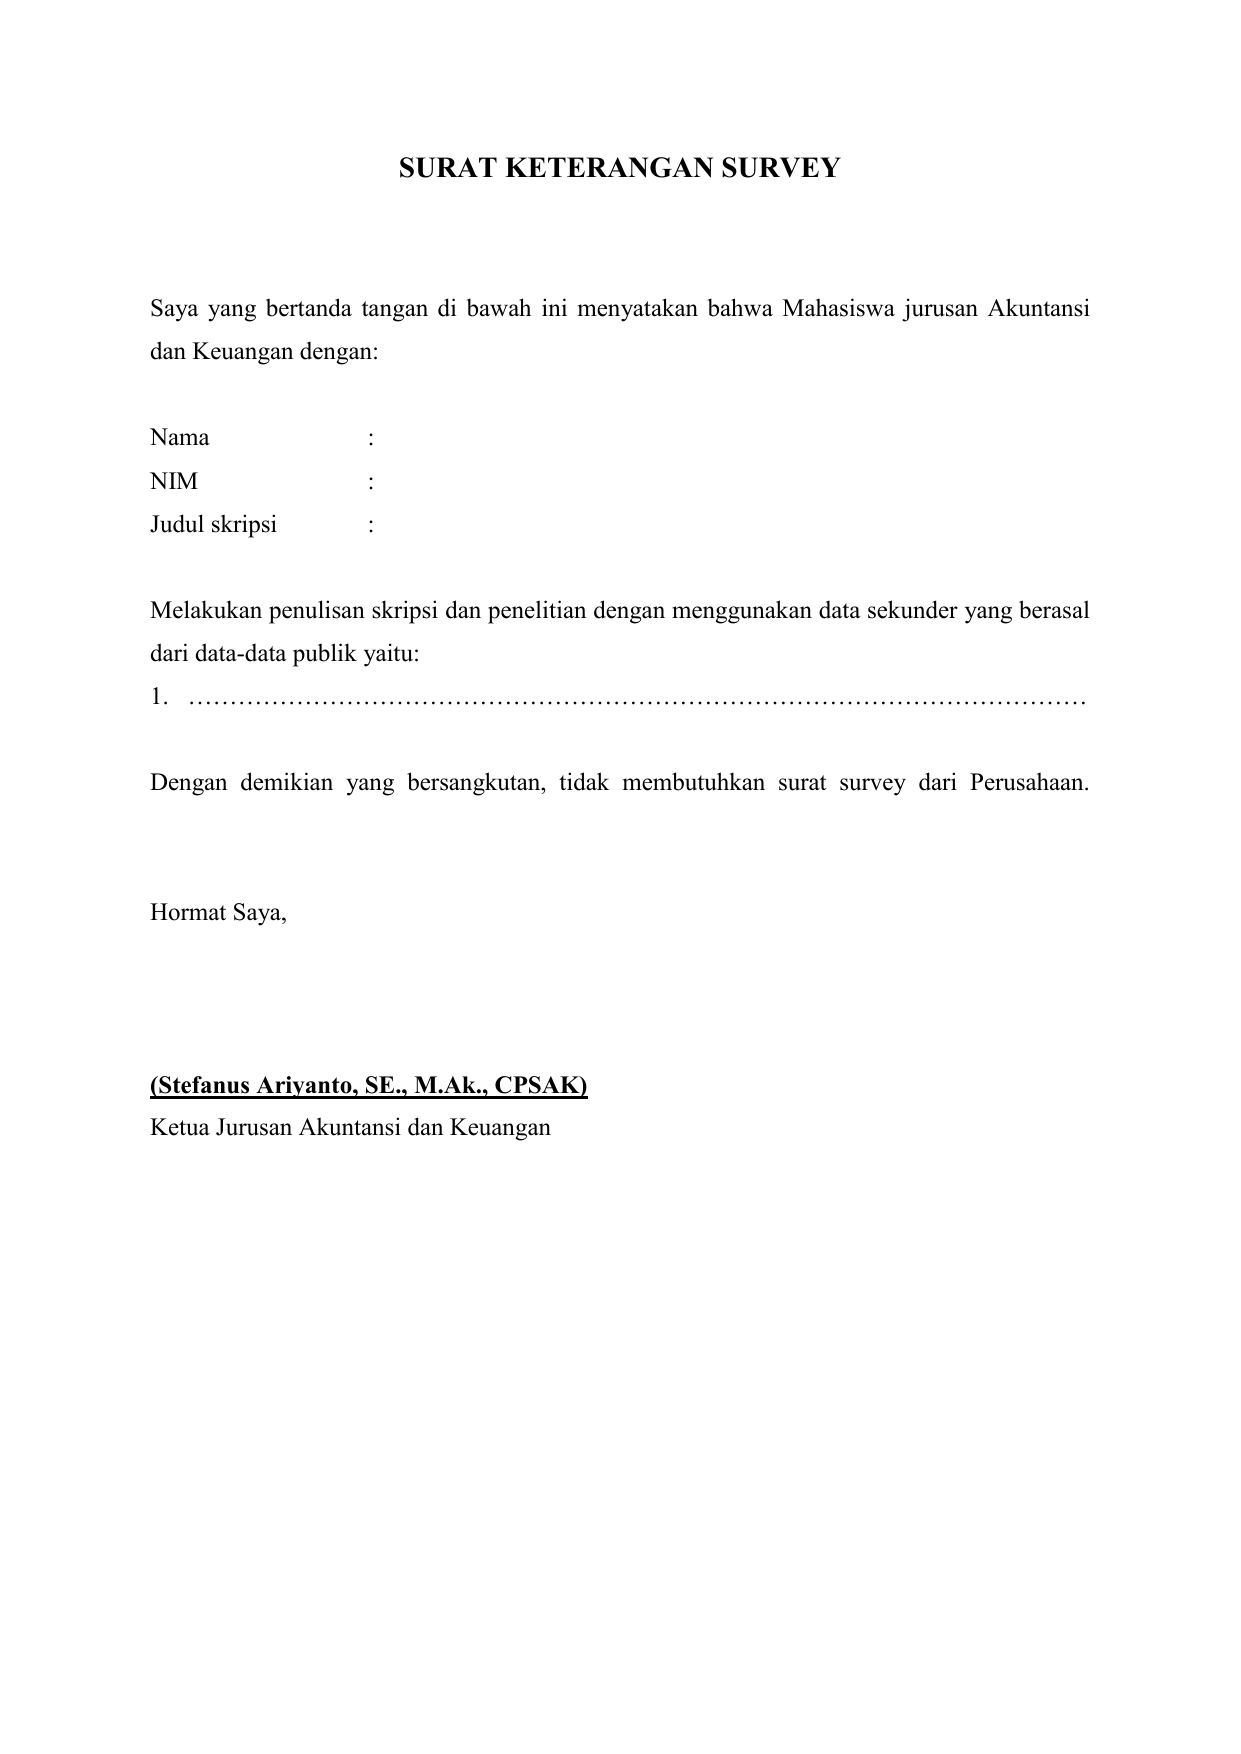 Surat Keterangan Survey